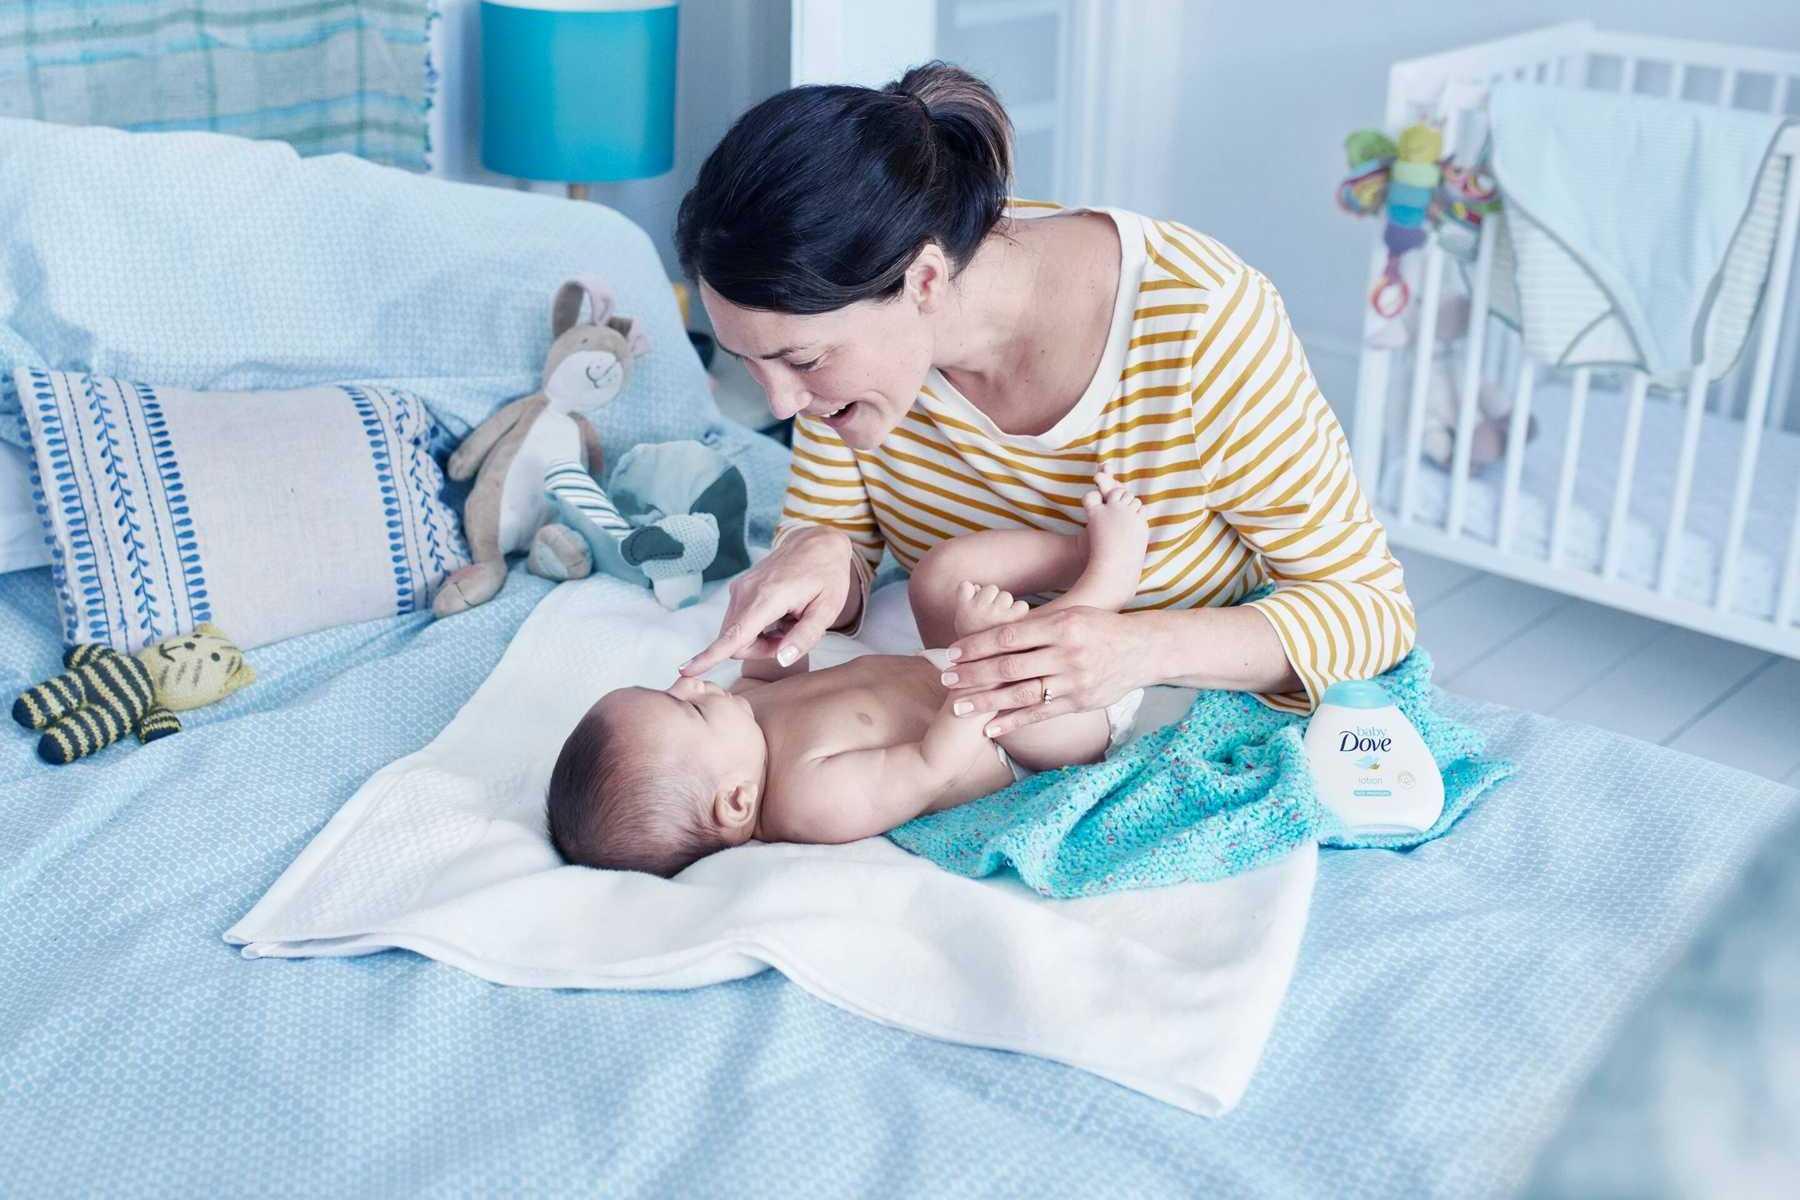 kinh nghiệm chăm sóc mẹ sau sinh bằng thiên nhiên